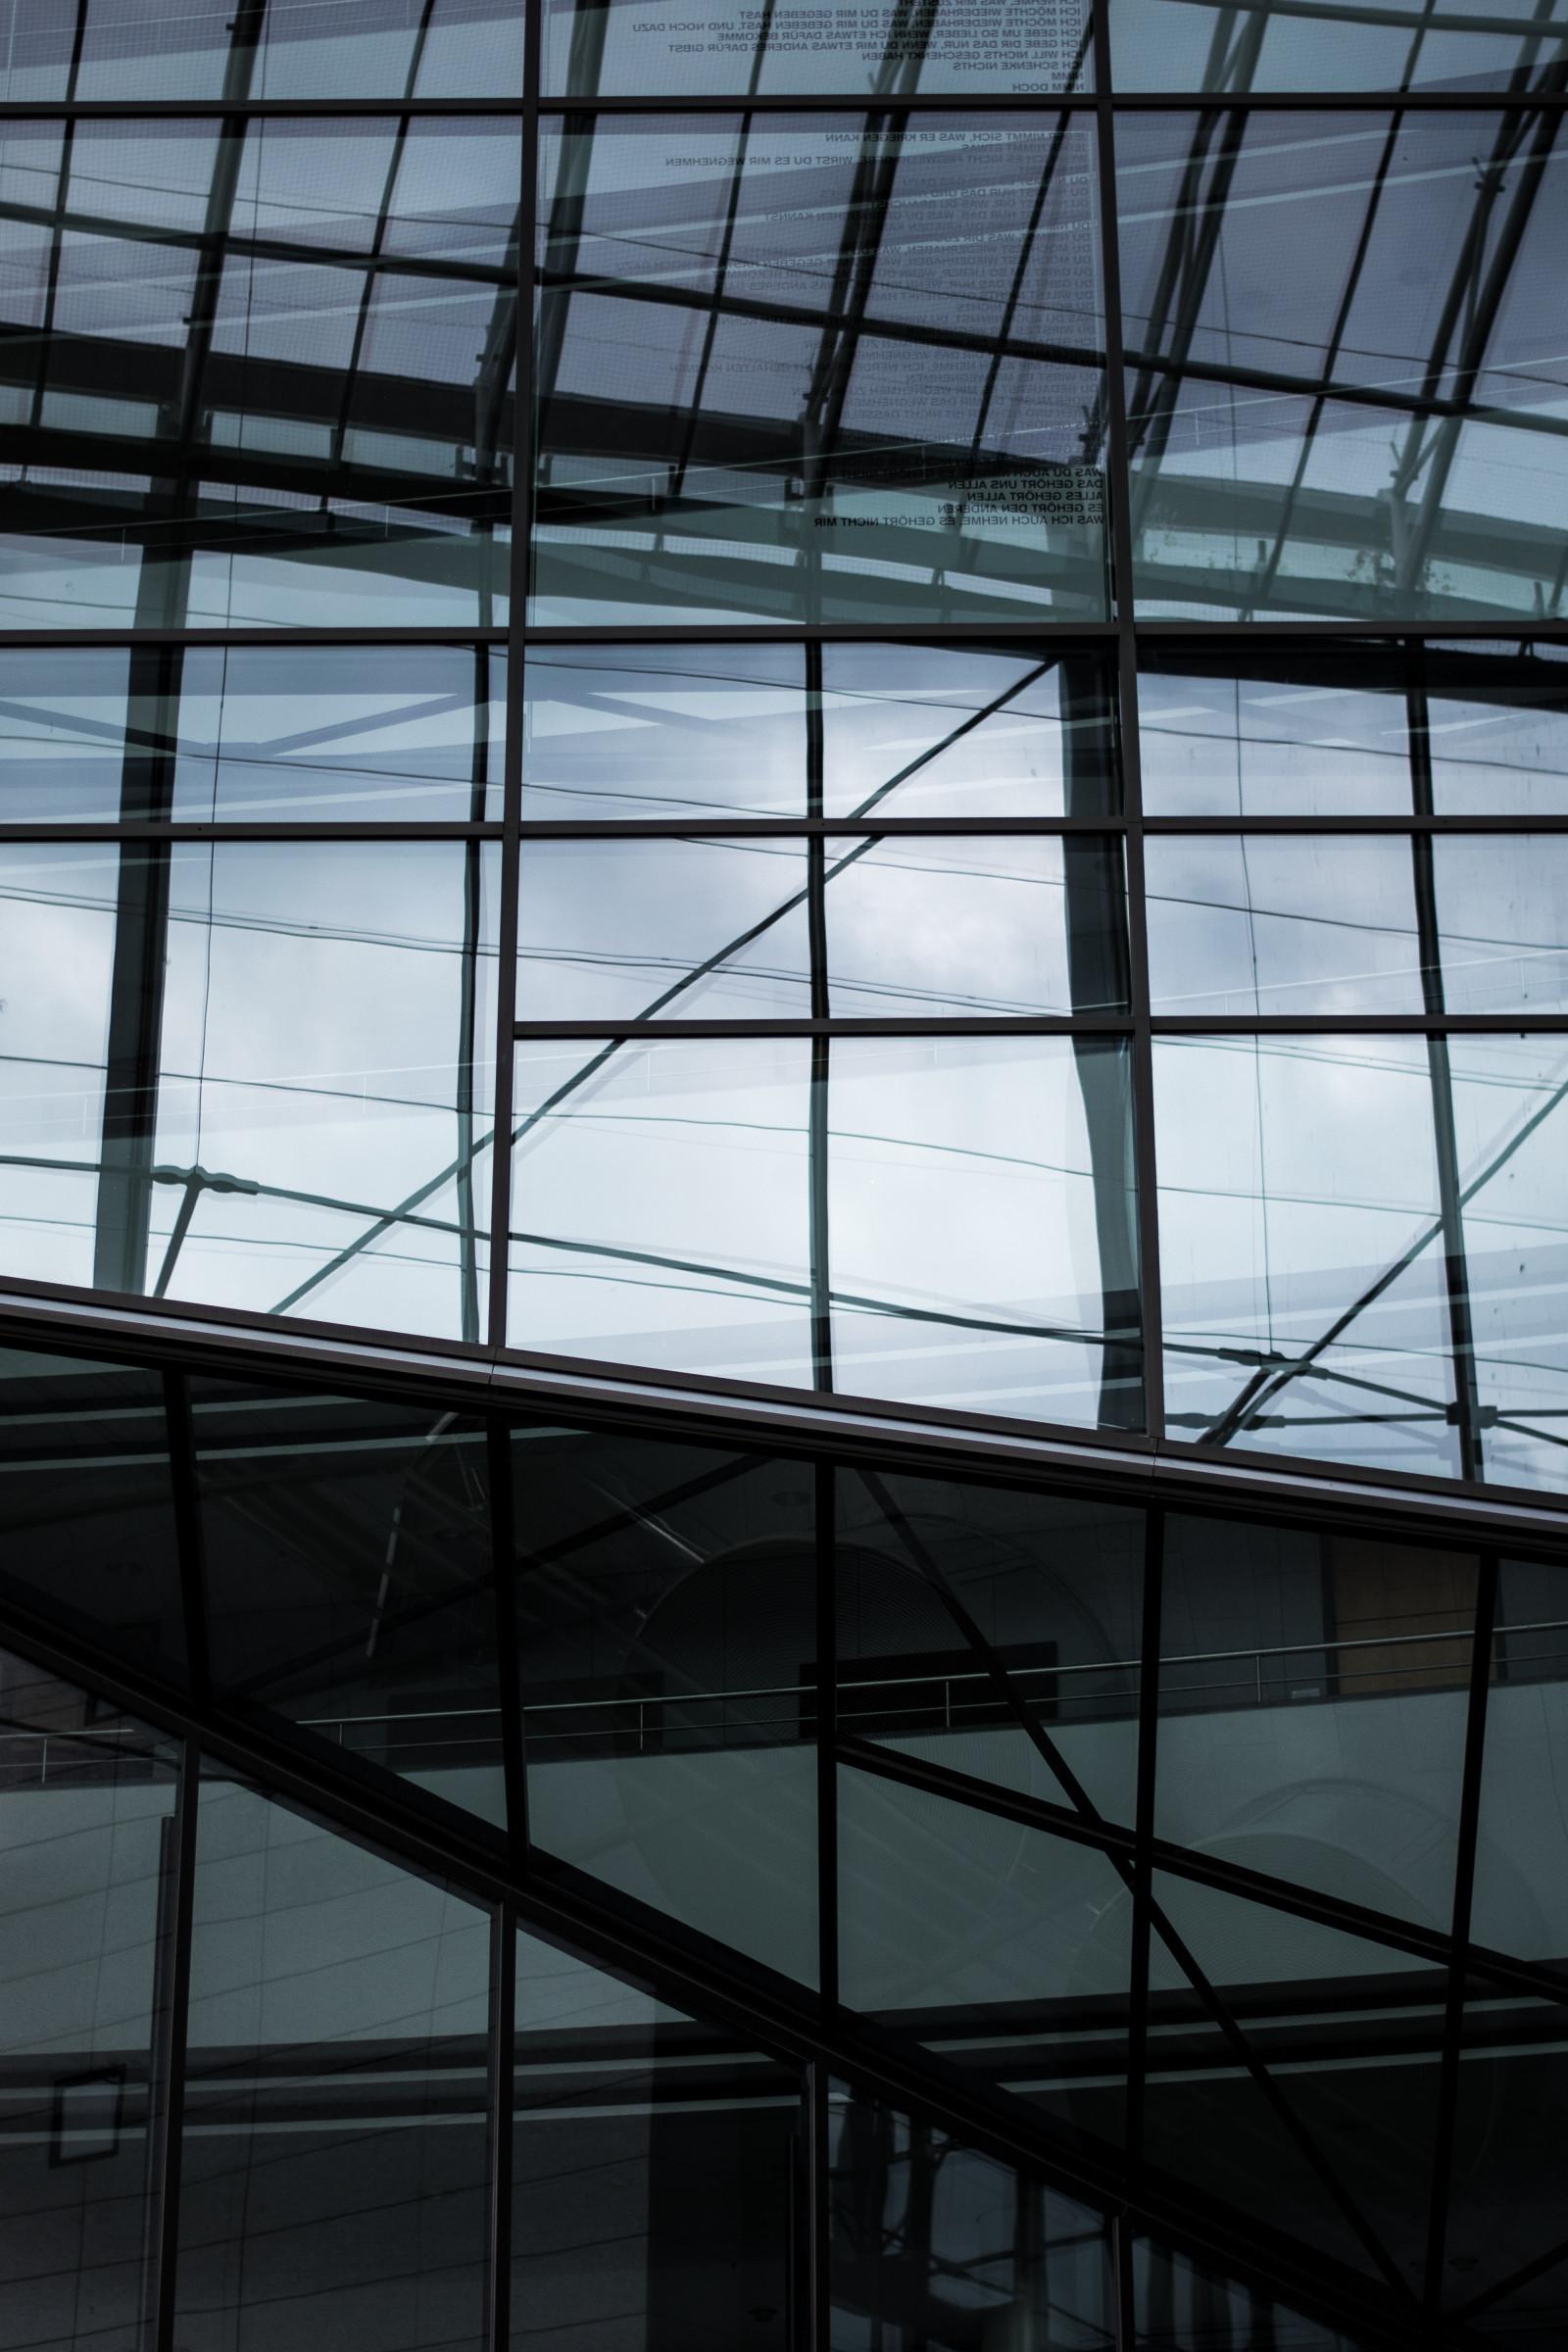 Fondos de pantalla : ventana, arquitectura, abstracto, edificio ...